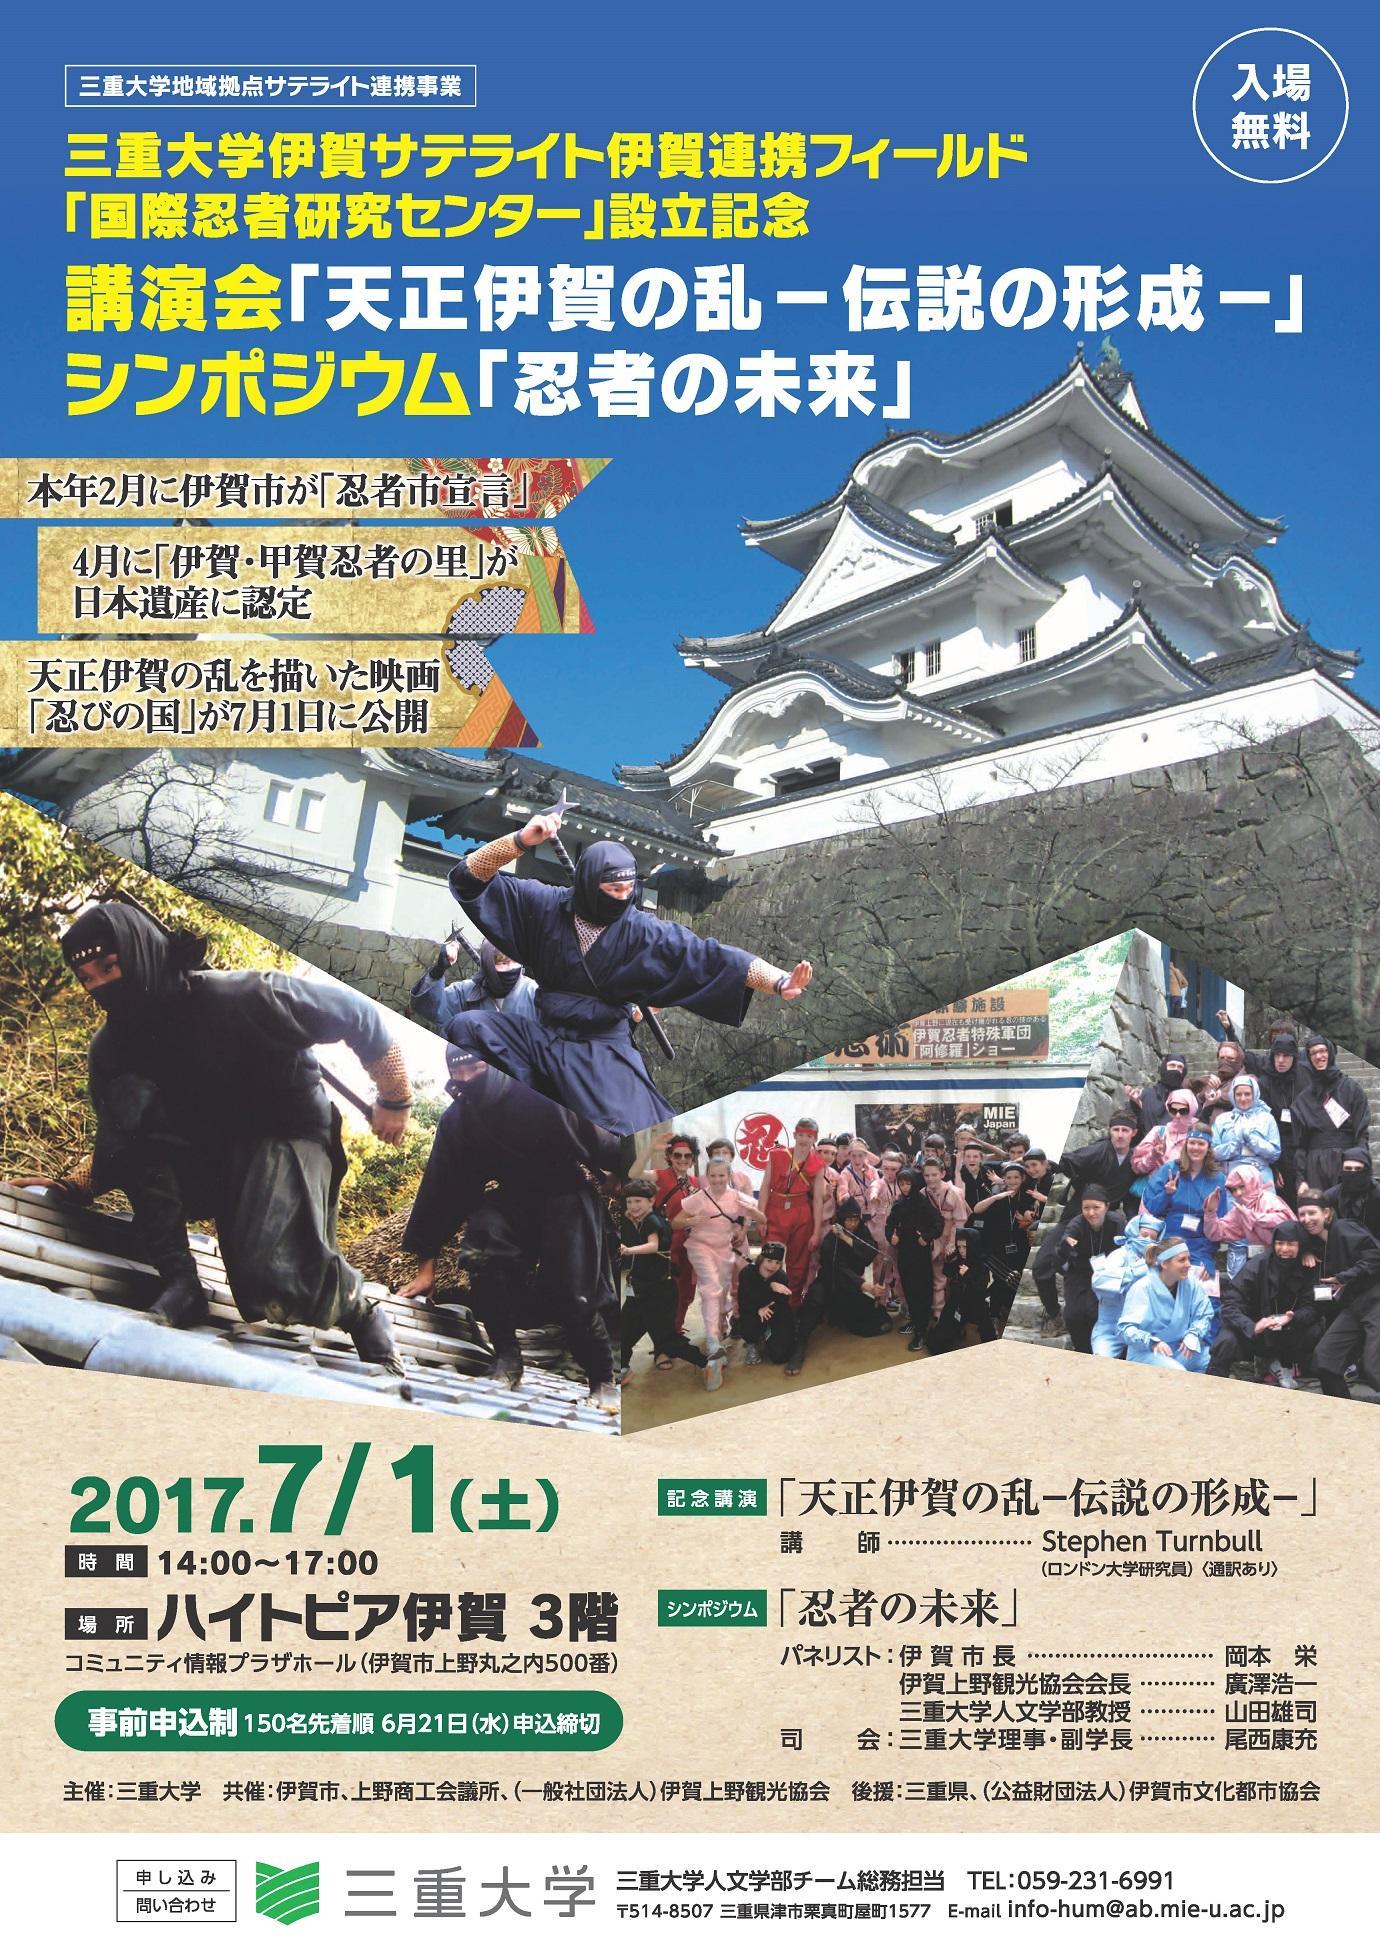 国際忍者研究センターチラシ3.jpg